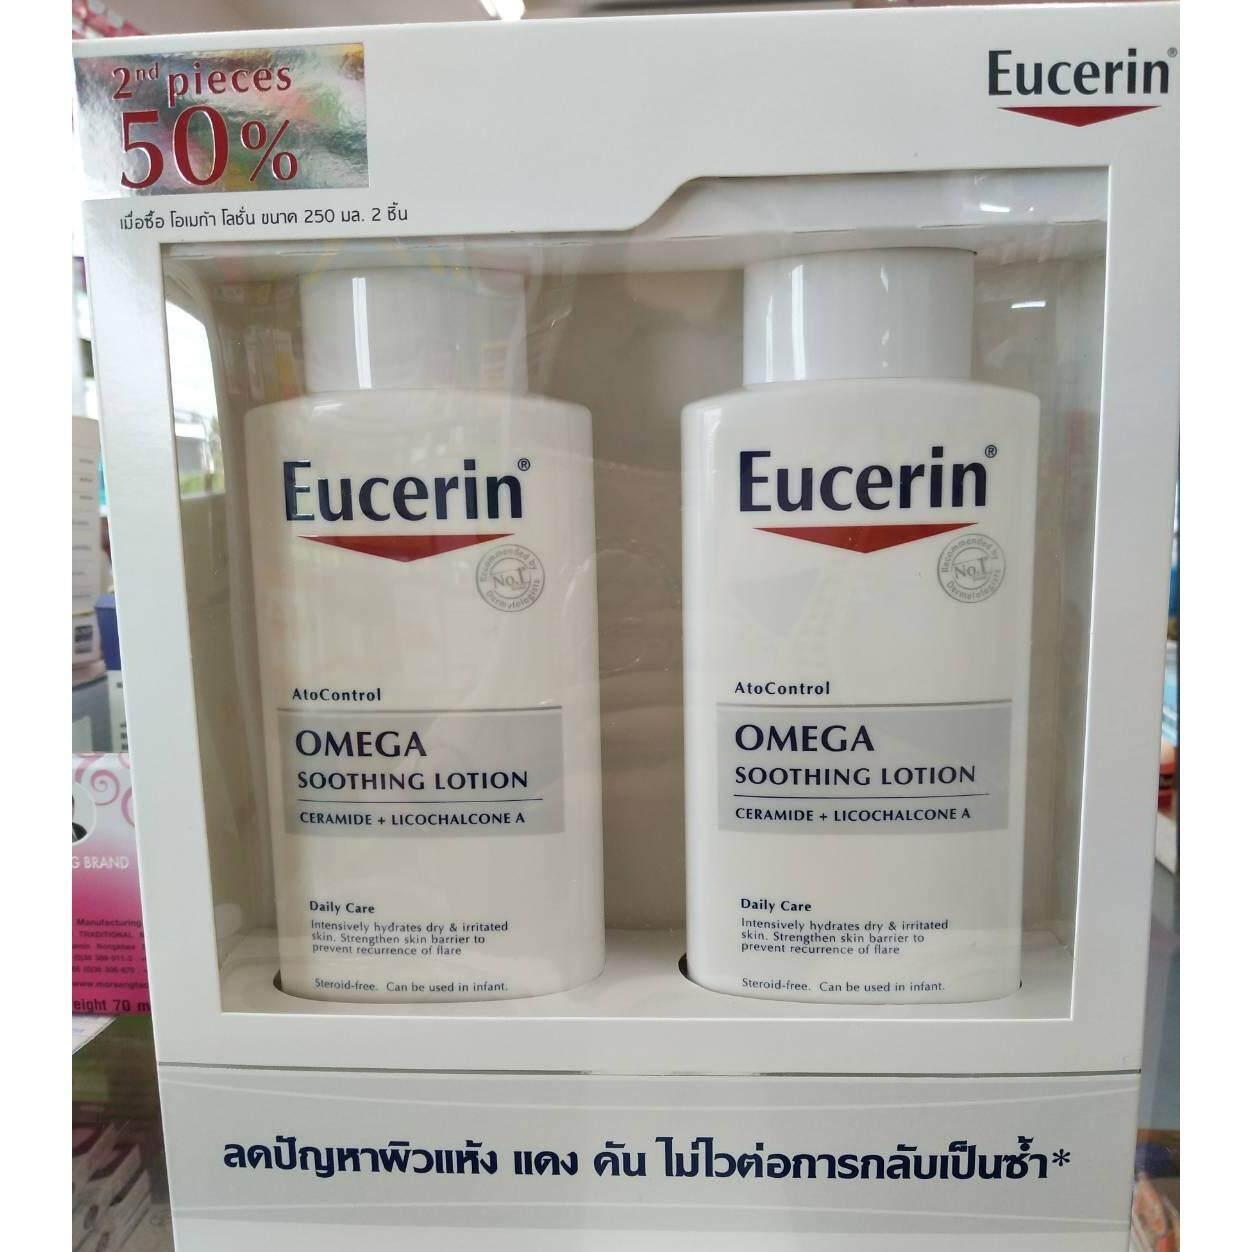 ขาย แพคคู่ Eucerin Atocontrol Soothing Lotion 12 Omega Plus Licochalcone 250 Ml 2ขวด ออนไลน์ Thailand